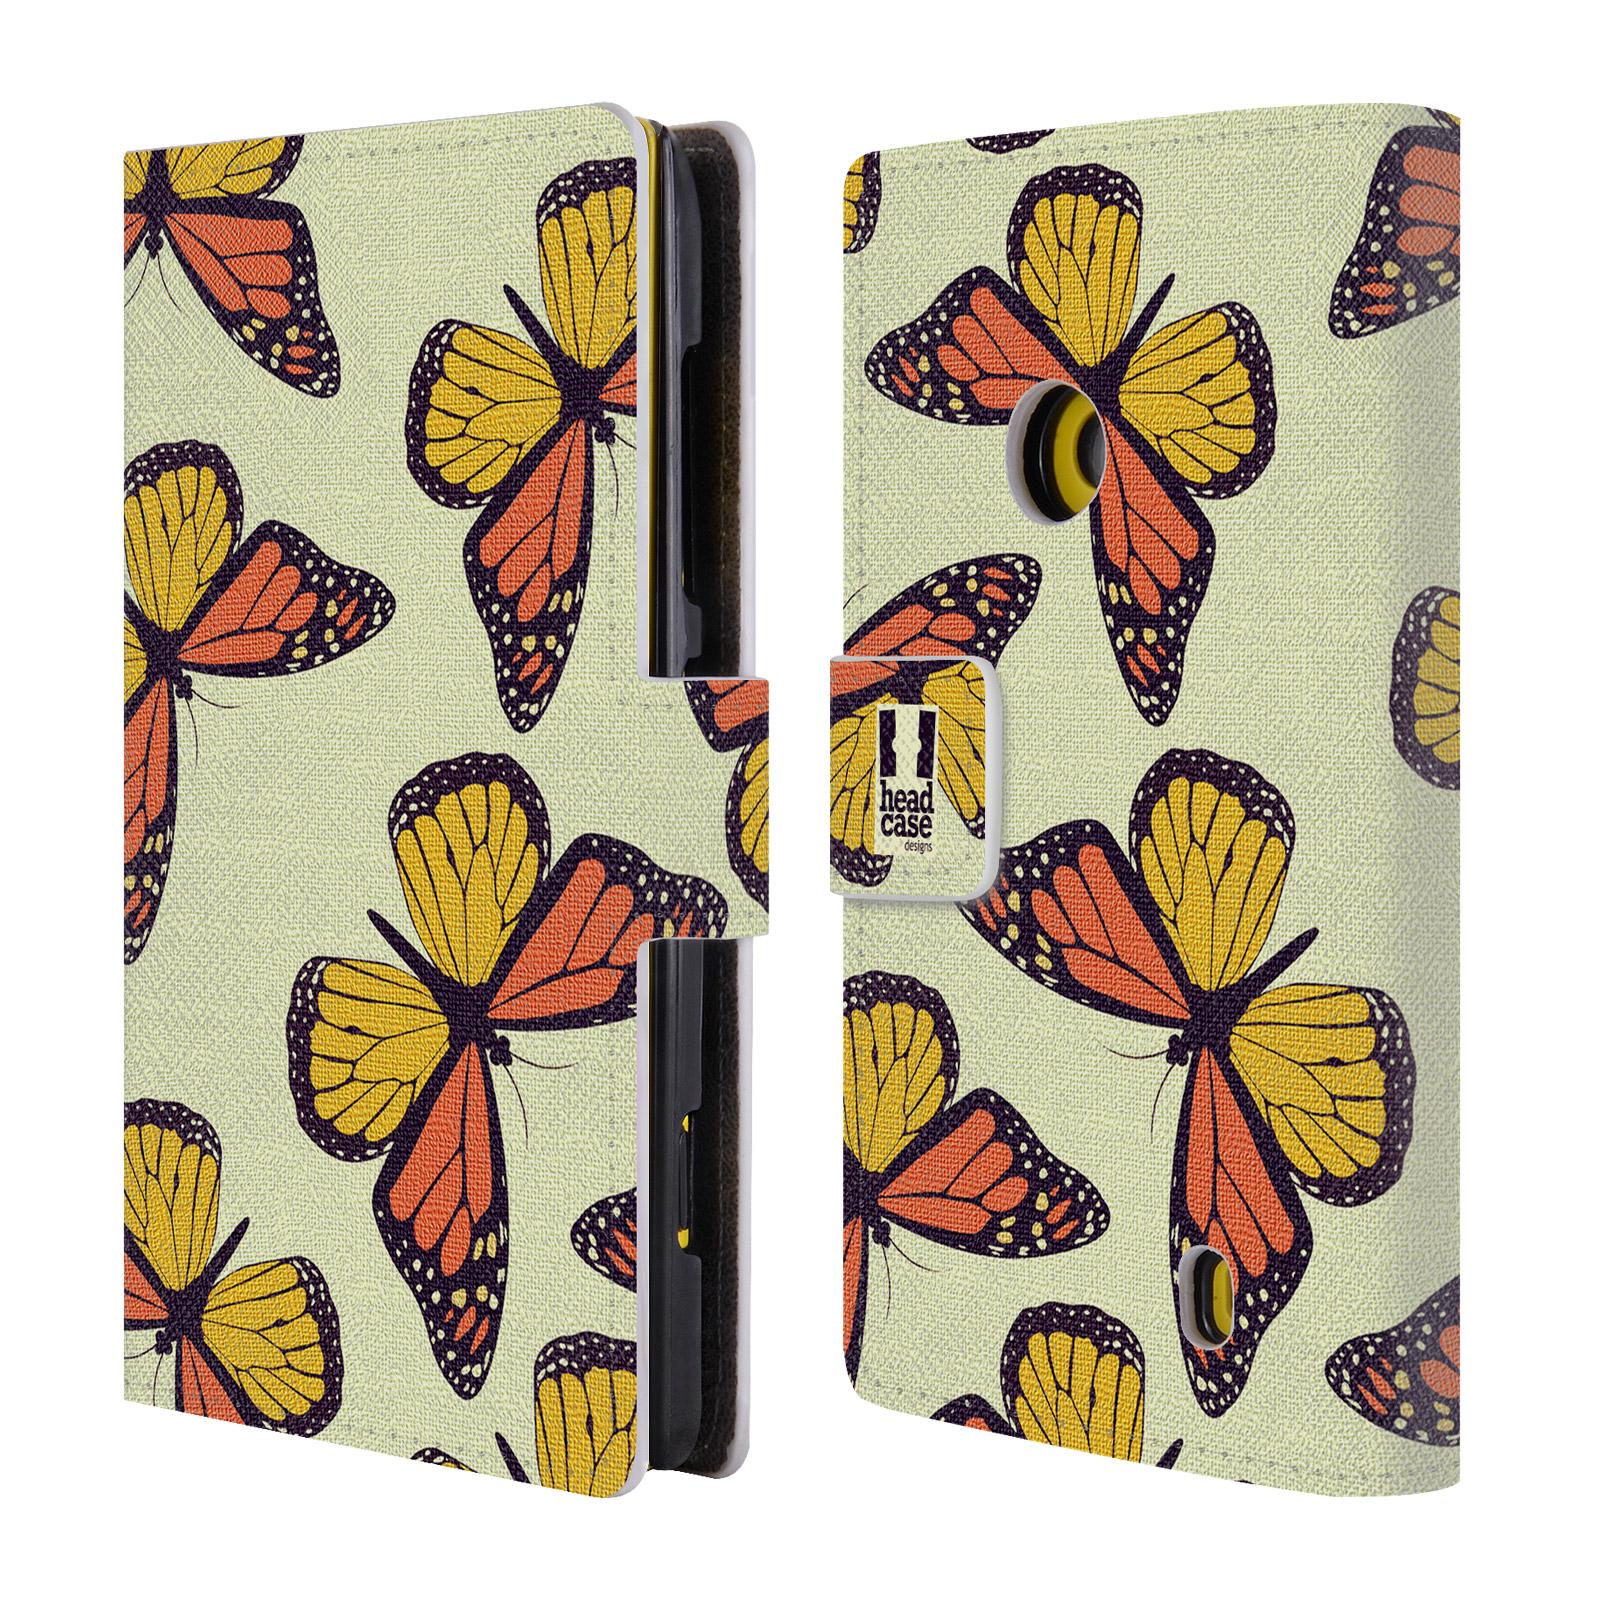 HEAD CASE Flipové pouzdro pro mobil NOKIA LUMIA 520 / 525 Vzorkovaný motýl Monarcha oranžová